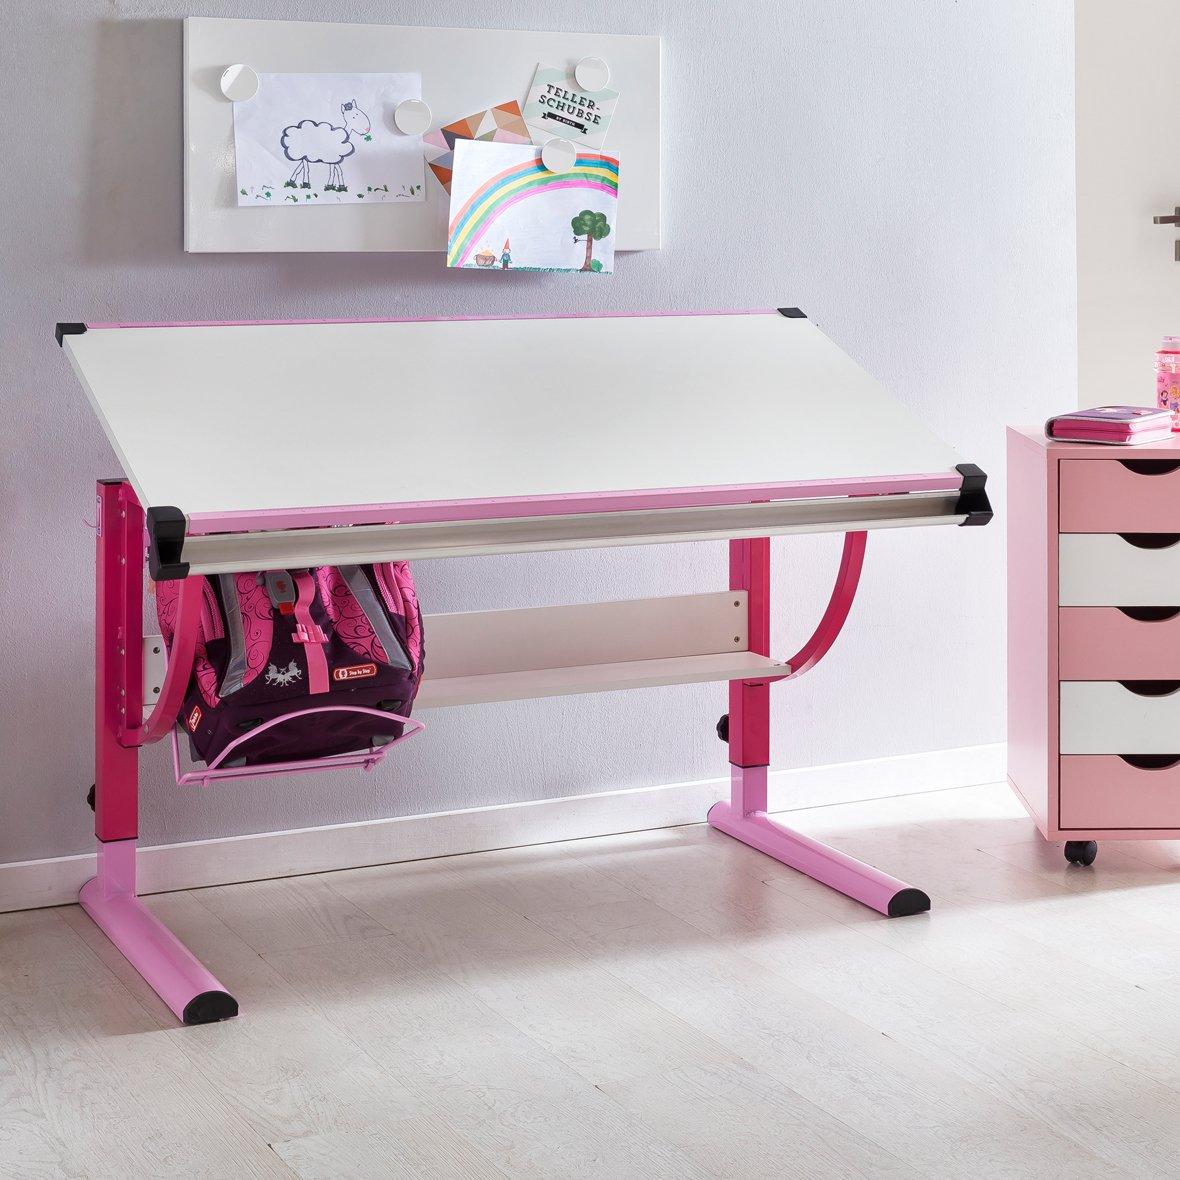 Design Kinderschreibtisch Moritz Holz 120 x 60 cm rosa/weiß | Mädchen Schülerschreibtisch neigungs-verstellbar | Schreibtisch Kinder höhenverstellbar KADIMA DESIGN